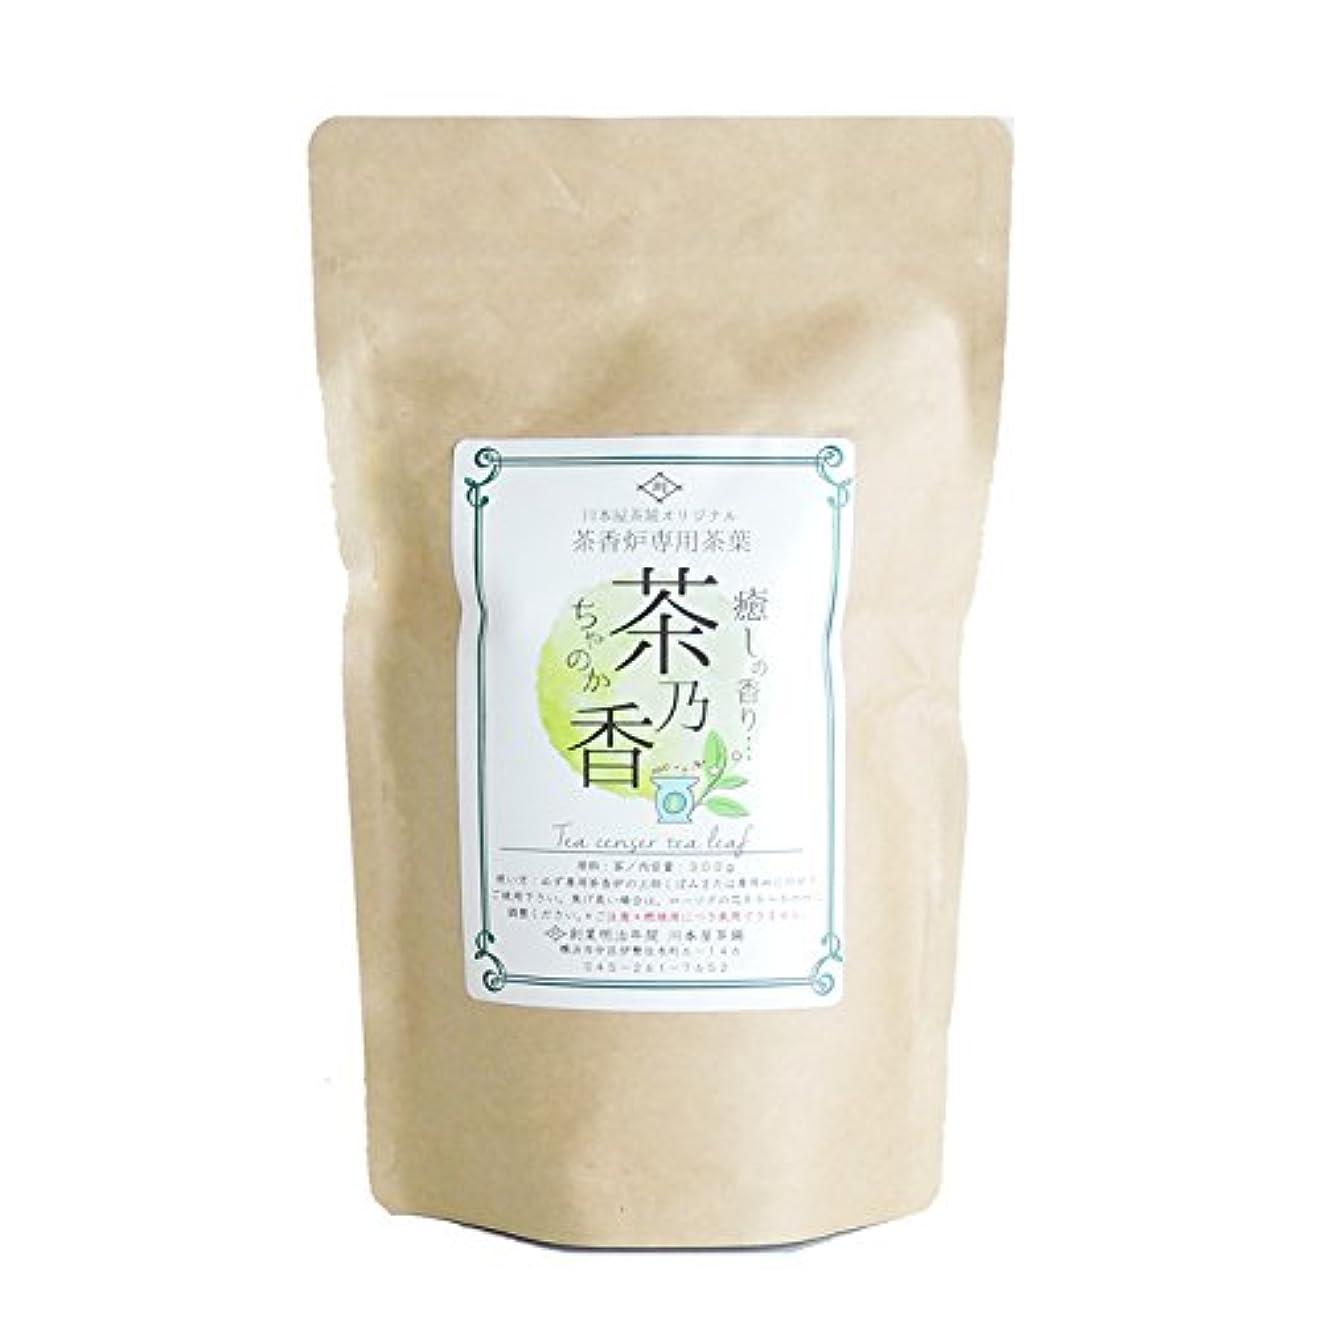 ファンタジー雄弁な伝統的国産 茶香炉専用 茶葉 「茶乃香」300g 川本屋茶舗